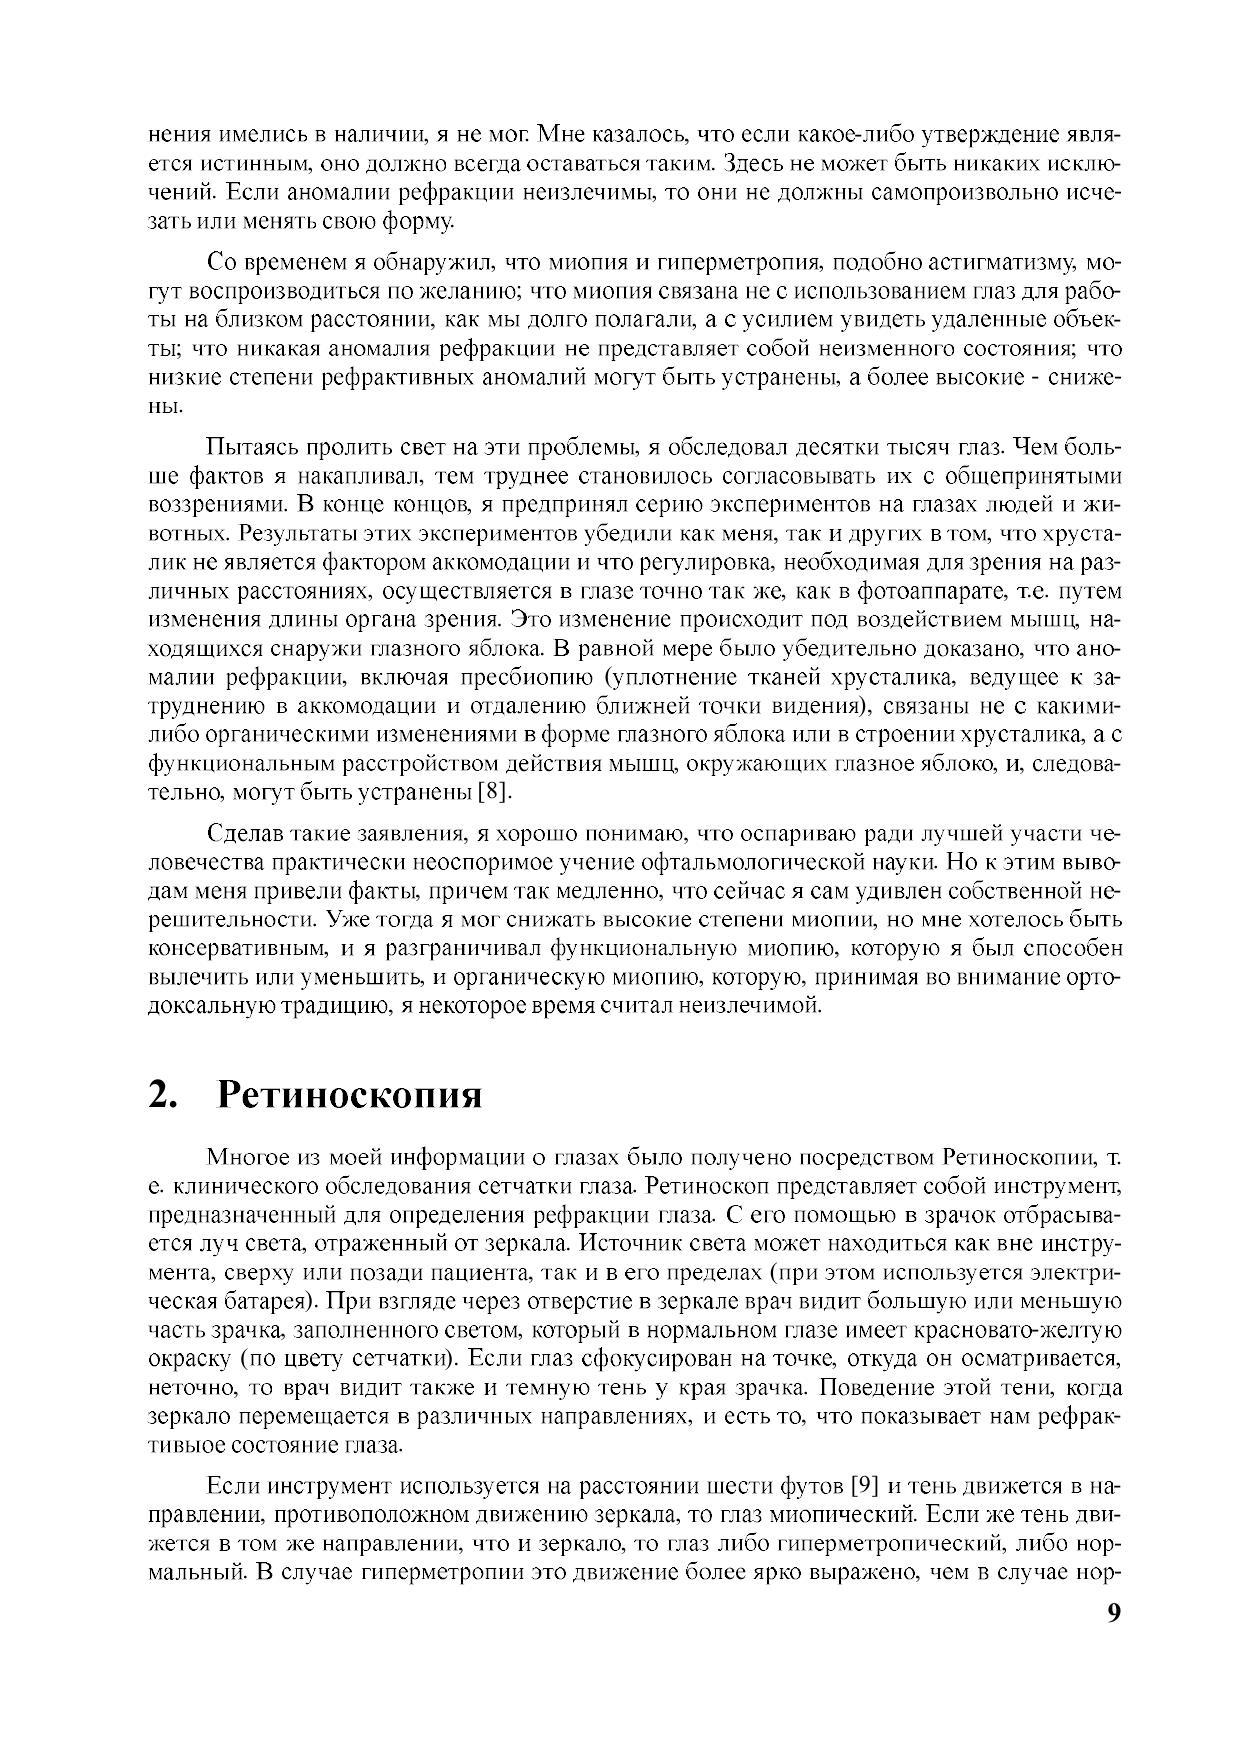 Московская глазная клиника отзывы о лазерной коррекции зрения